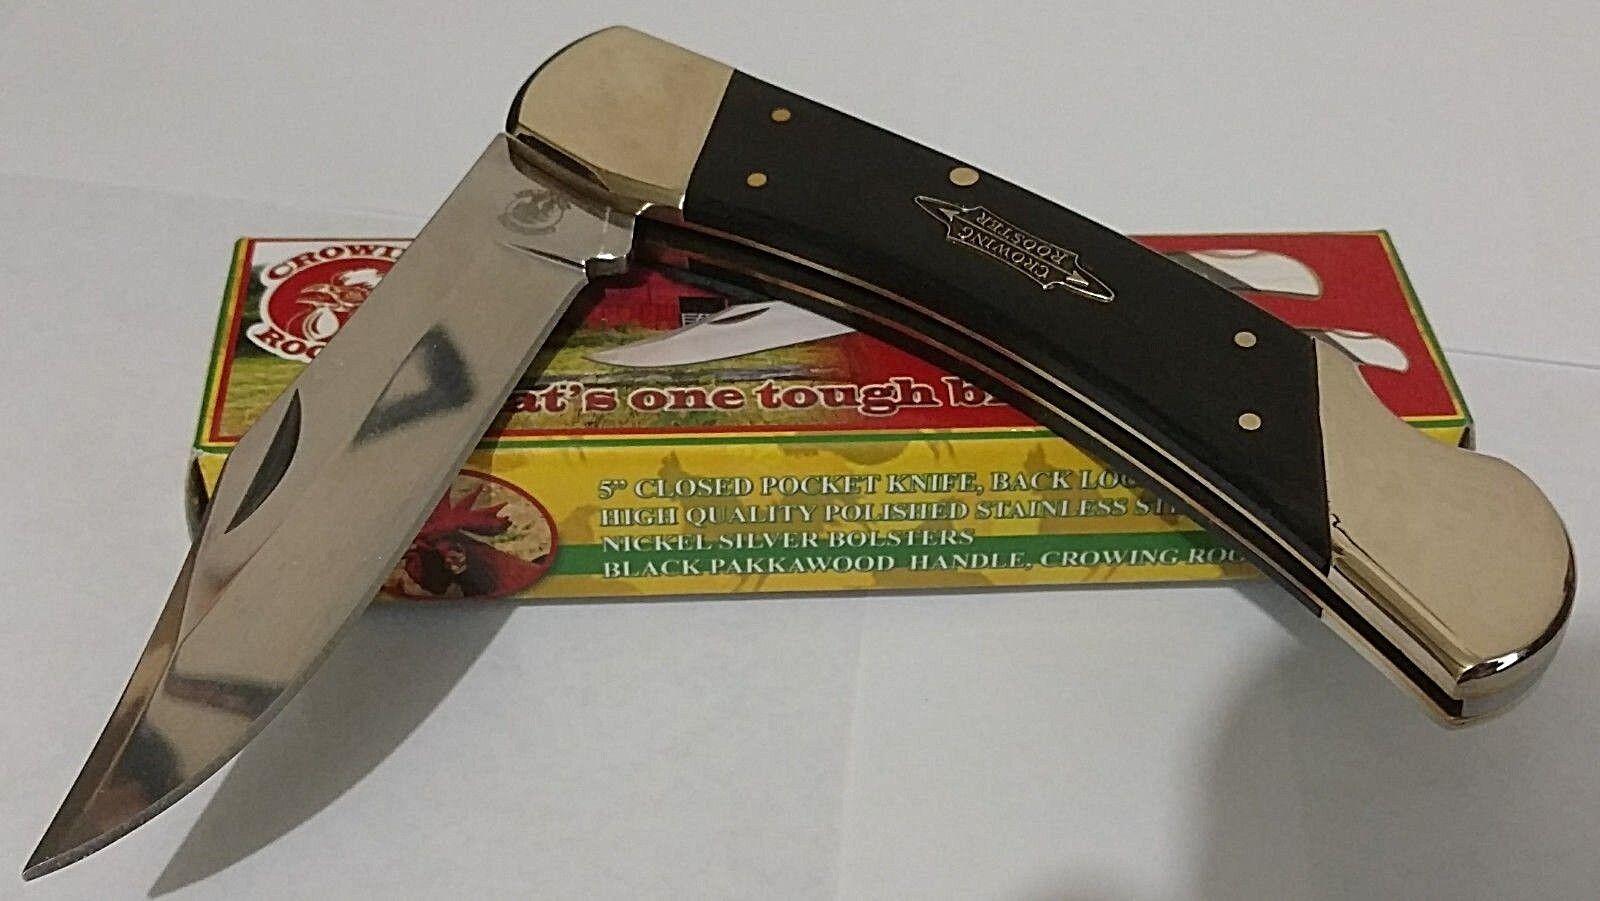 CROWING ROOSTER LOCKBACK HUNTING POCKET KNIFE LARGE HUNTER !!!